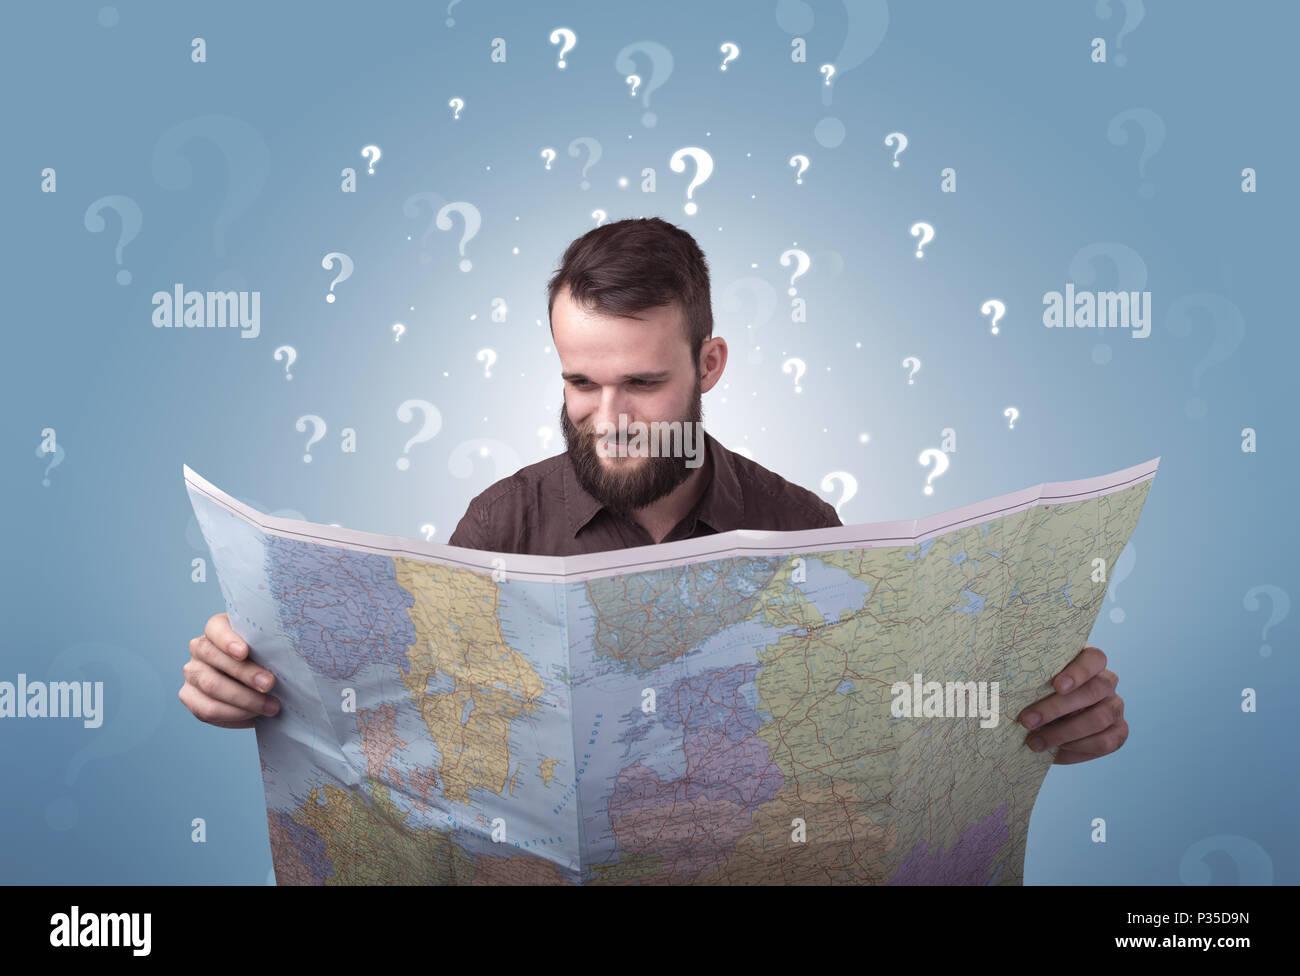 Hübscher junger Mann hält eine Karte mit weißen Fragezeichen über seinem Kopf Stockbild